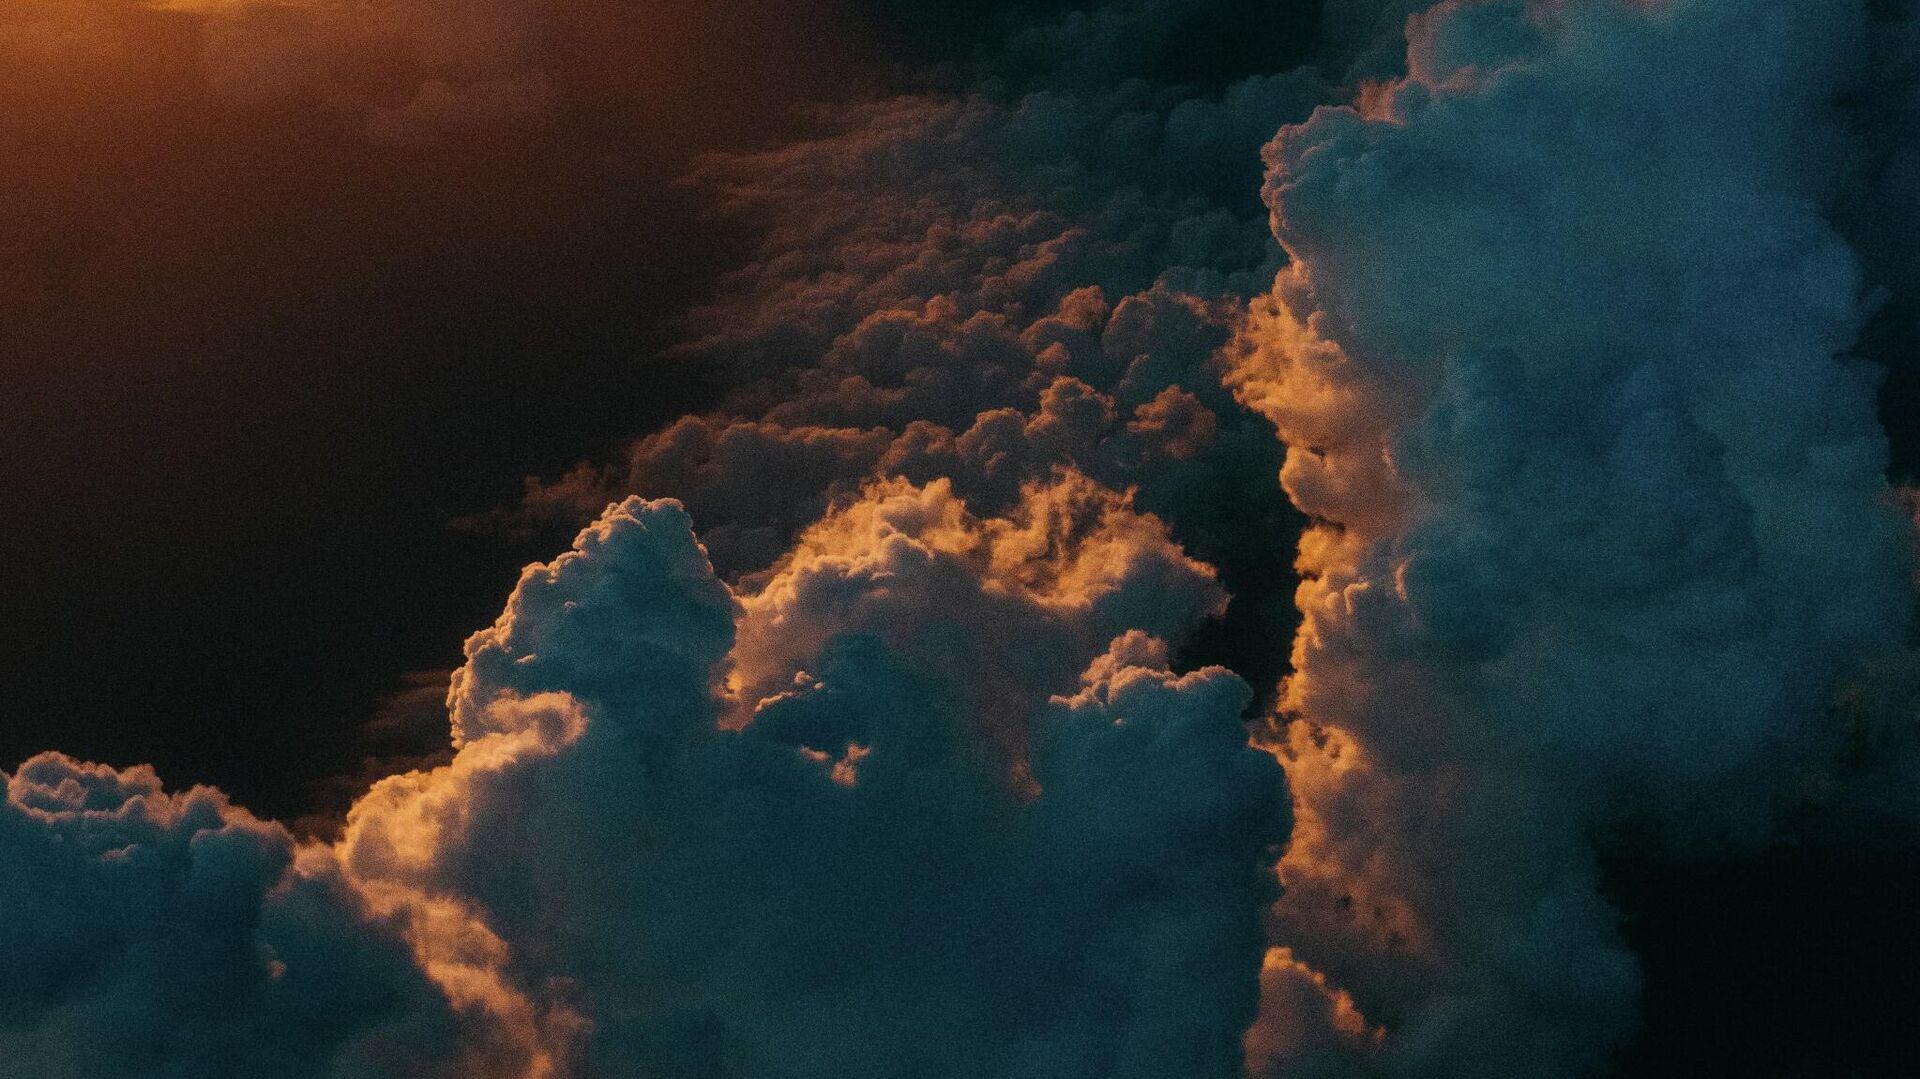 Unas nubes - Sputnik Mundo, 1920, 24.09.2021